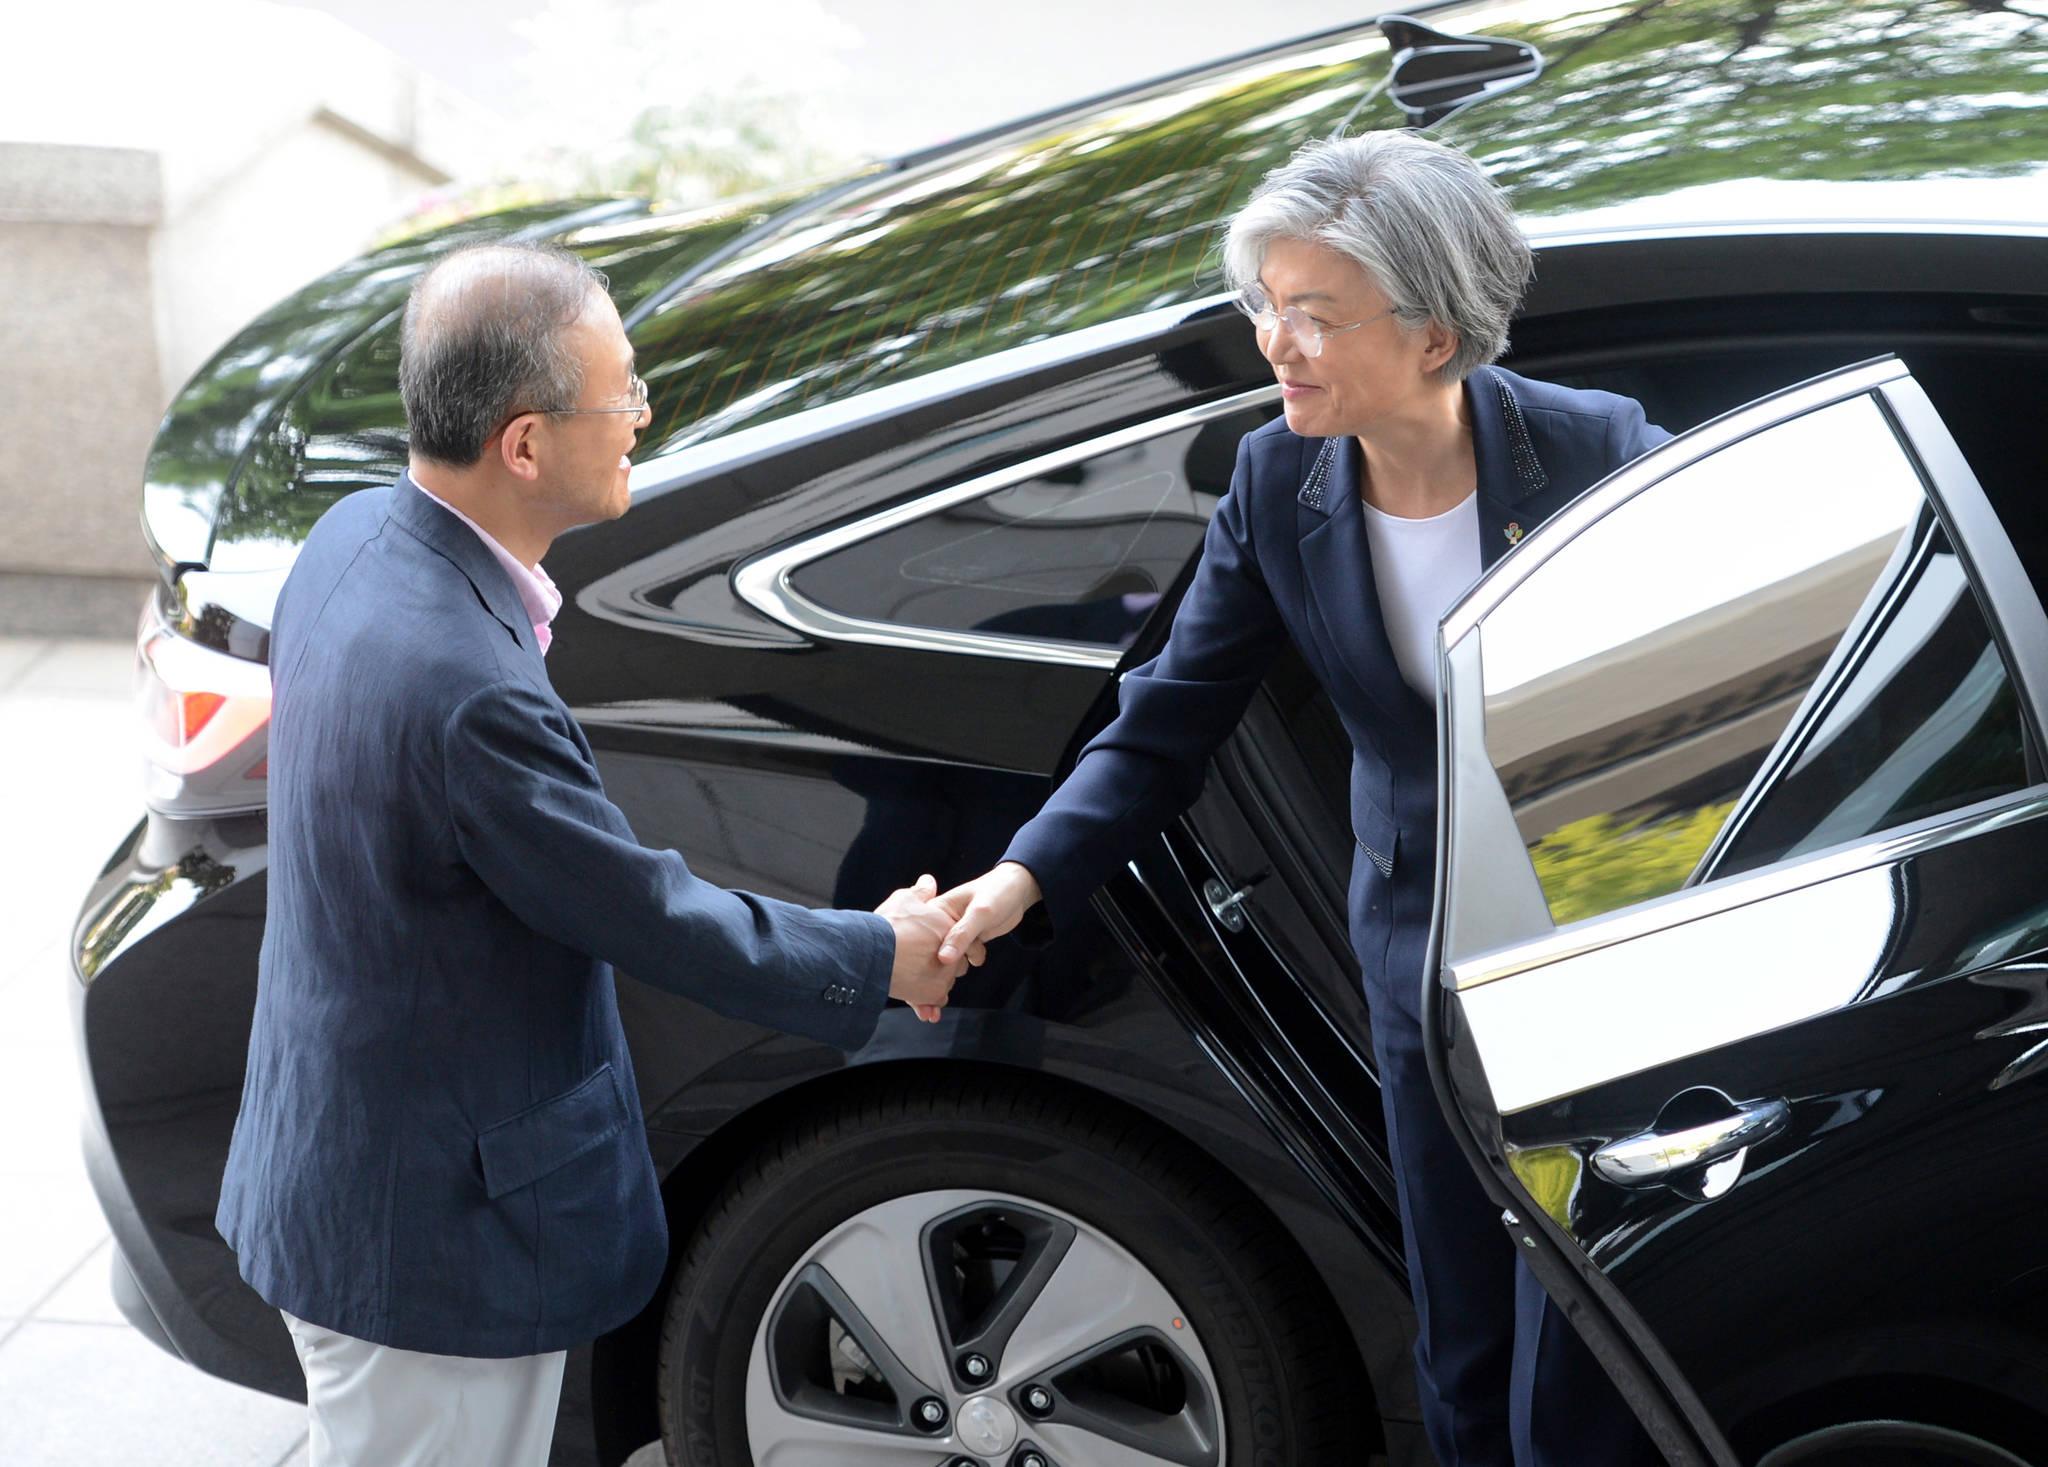 강경화 외교부 장관은 후보자 시절부터 줄곧 현대자동차의 쏘나타 하이브리드 차량을 이용하고 있다.